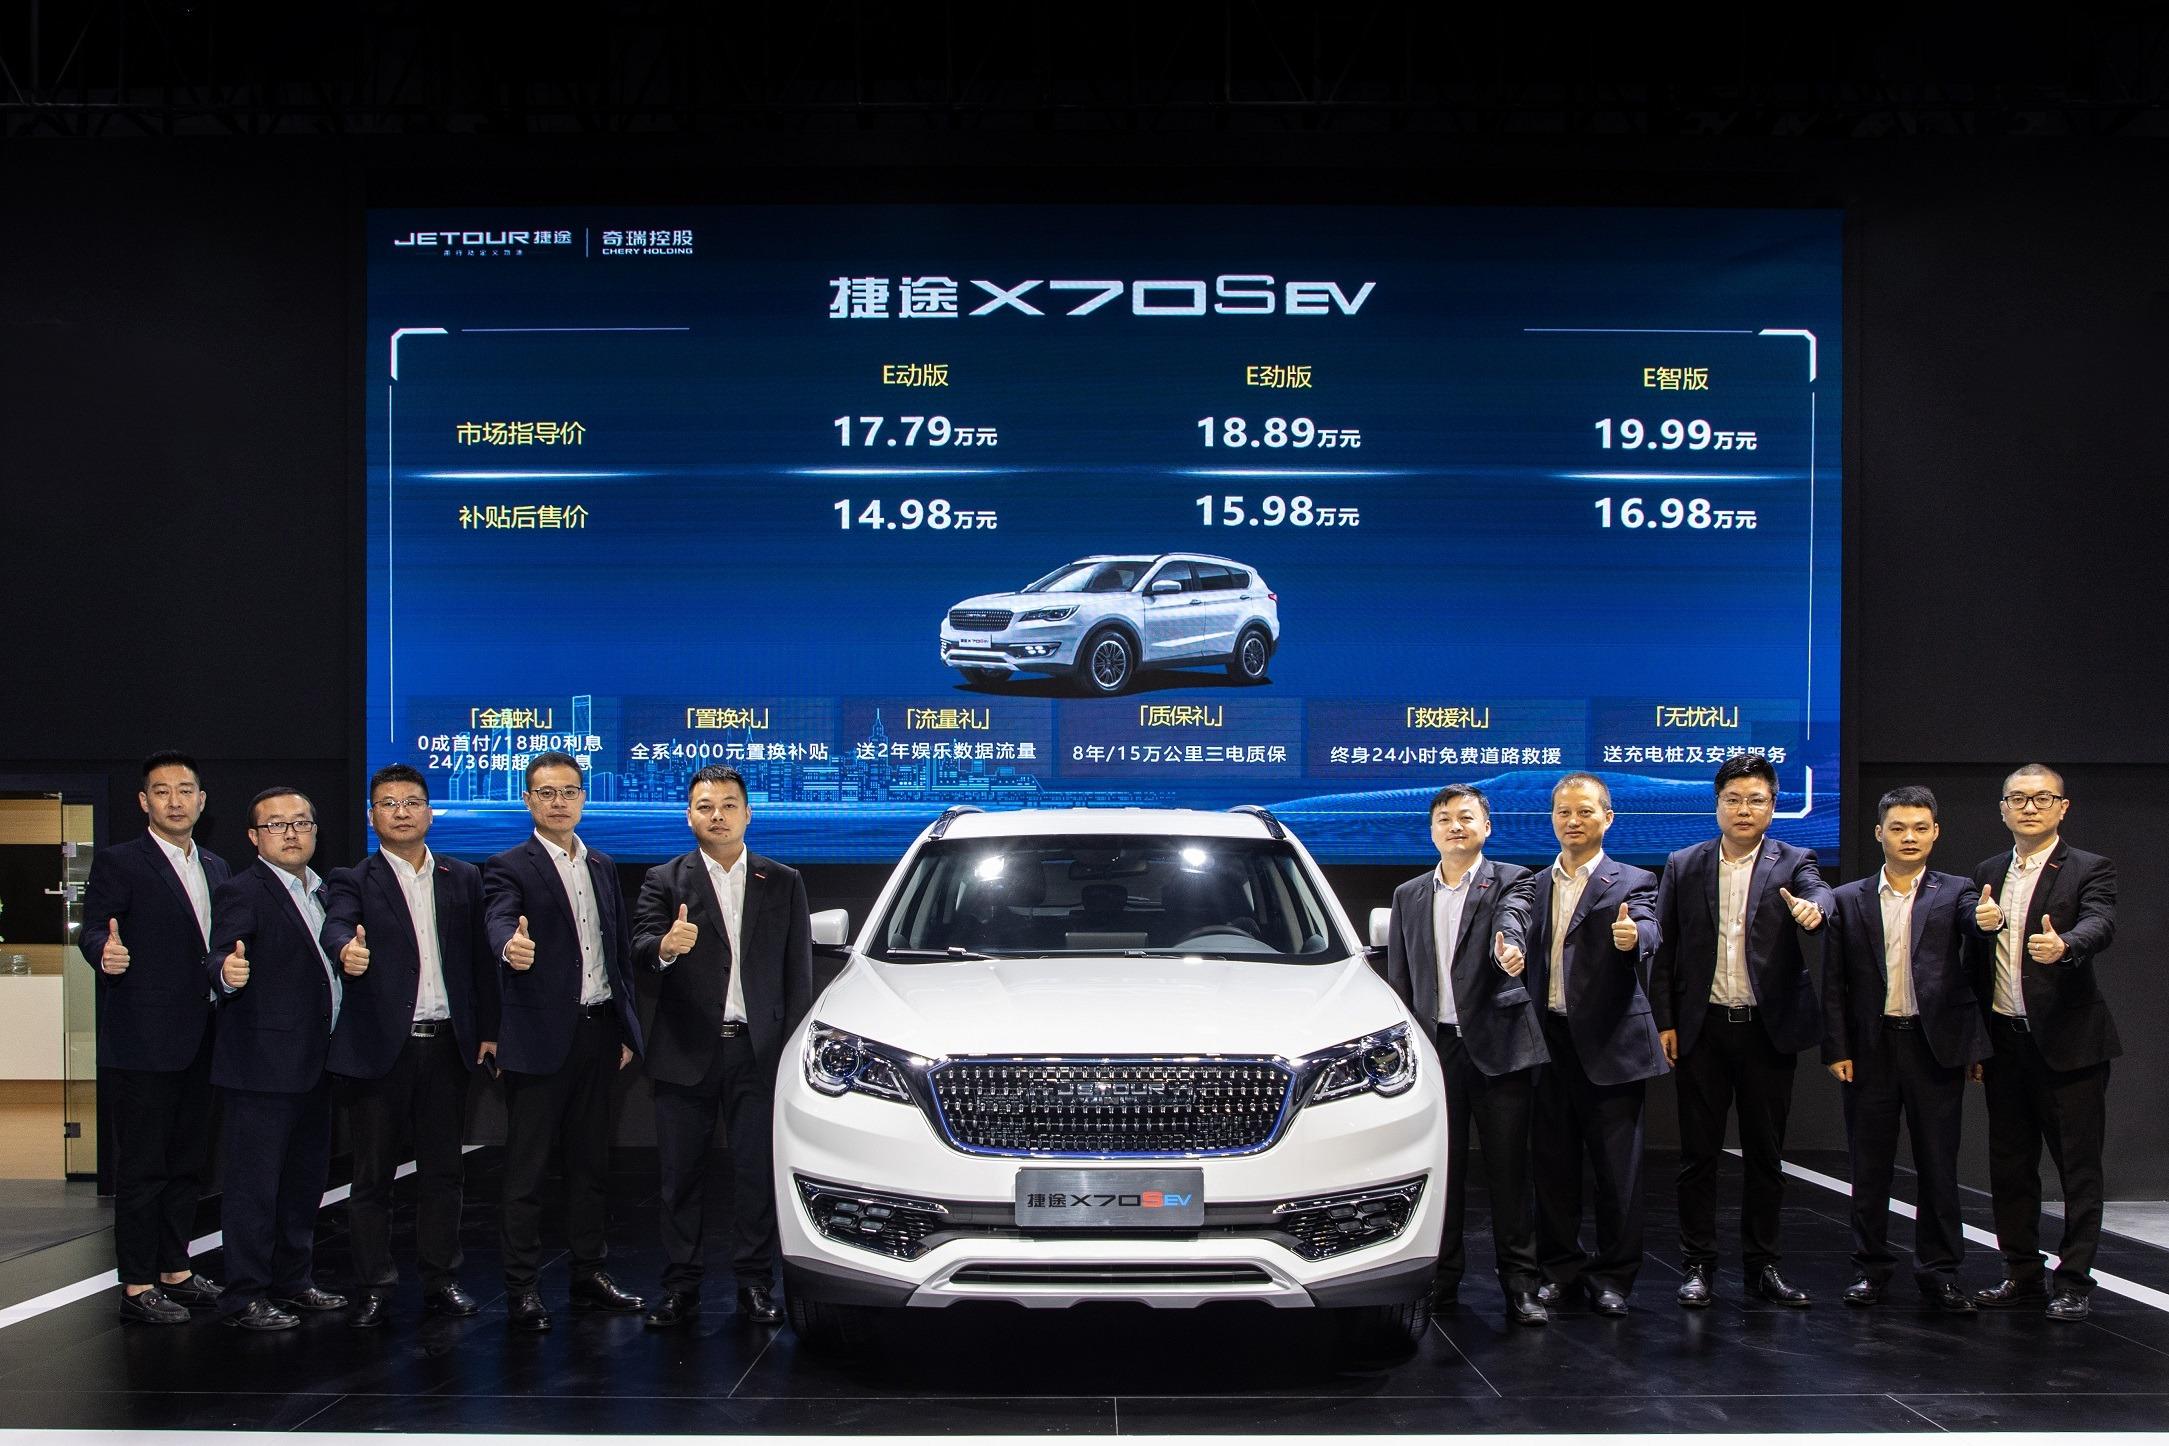 捷途产品序列首款纯电动车型上市,14.98万起,你会买它吗?